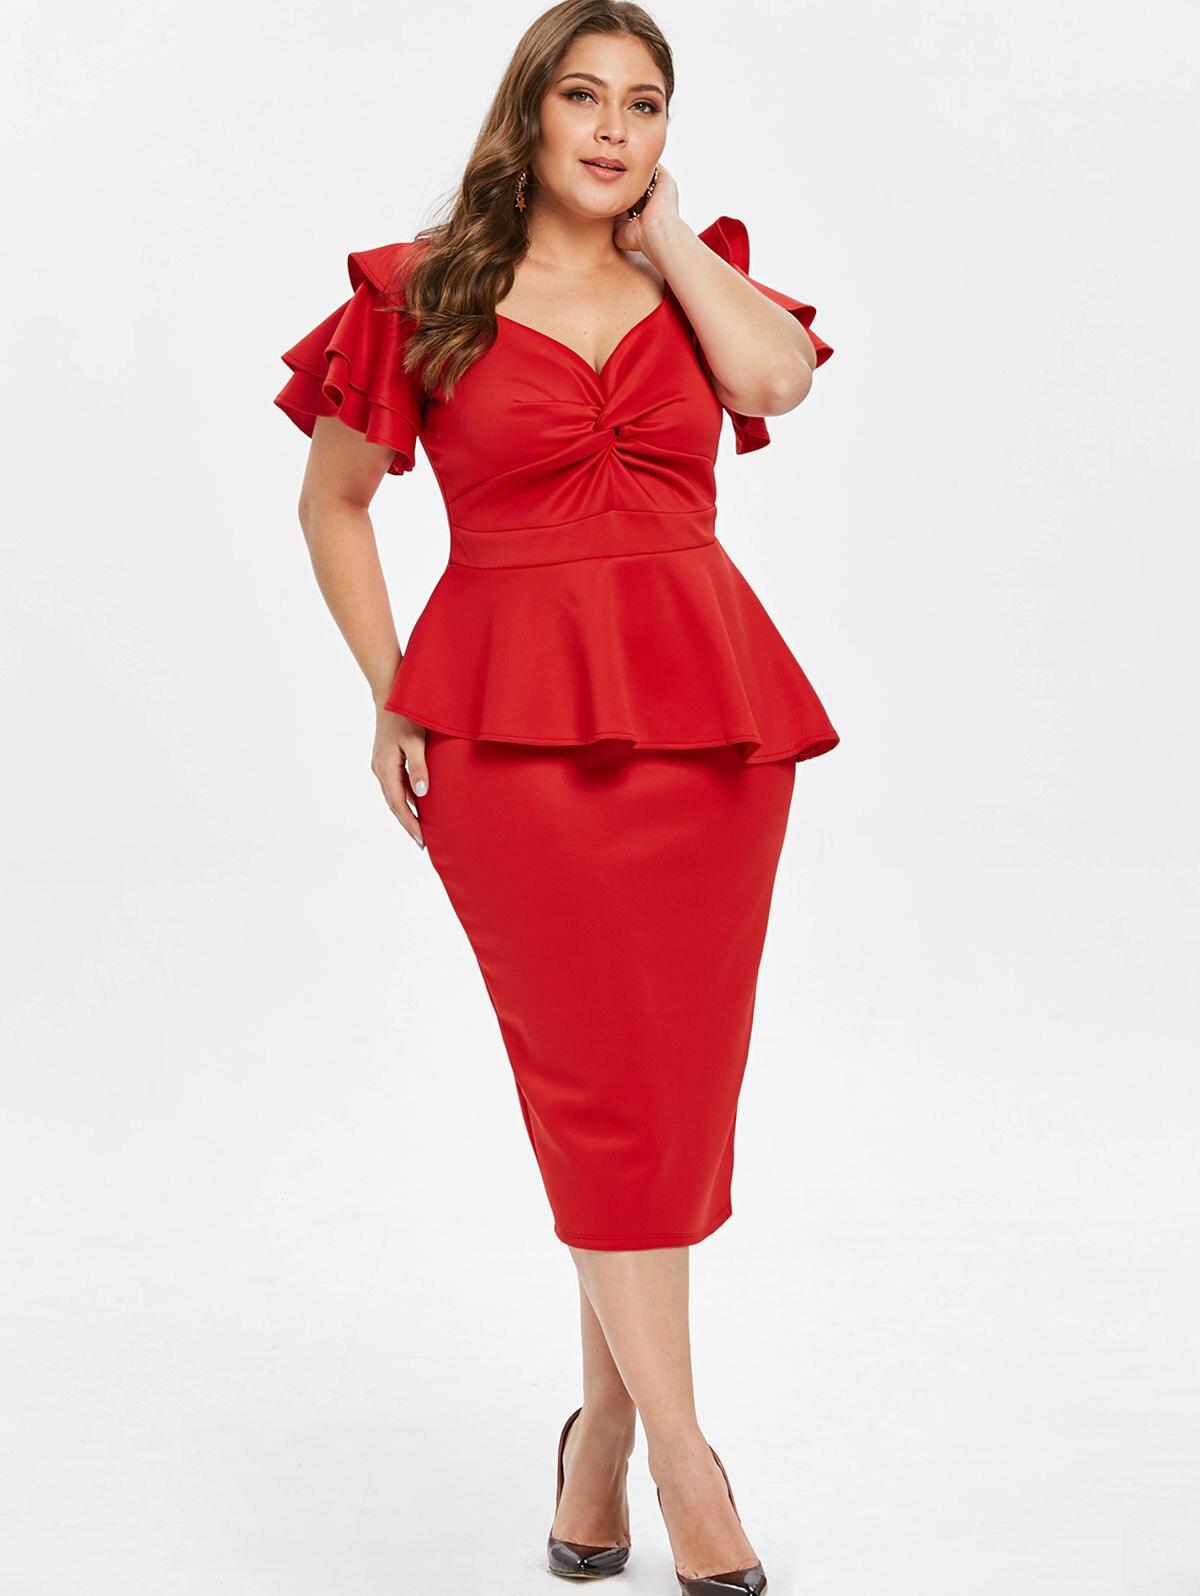 Wipalo Women Sweatheart Neck Twist Front Plus Size Peplum Dress Ruffles  Trim Petal Sleeves Solid Formal OL Dress 5XL Ladies Suit 44654ec248f5